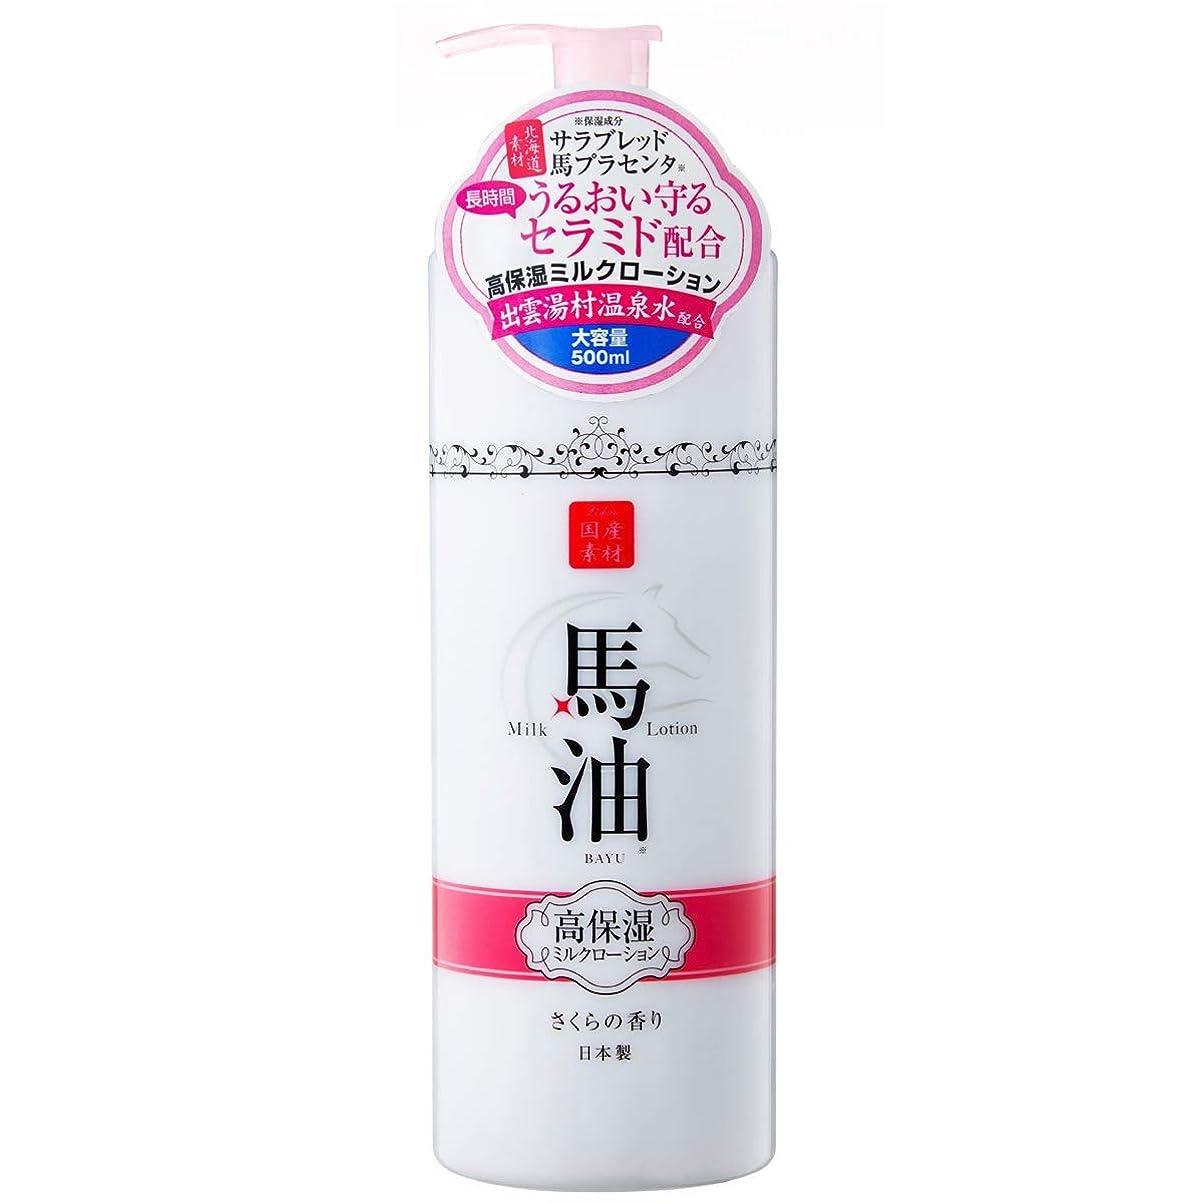 スチール広告主炭水化物アイスタイル リシャン 馬油ミルクローション さくらの香り 500mL